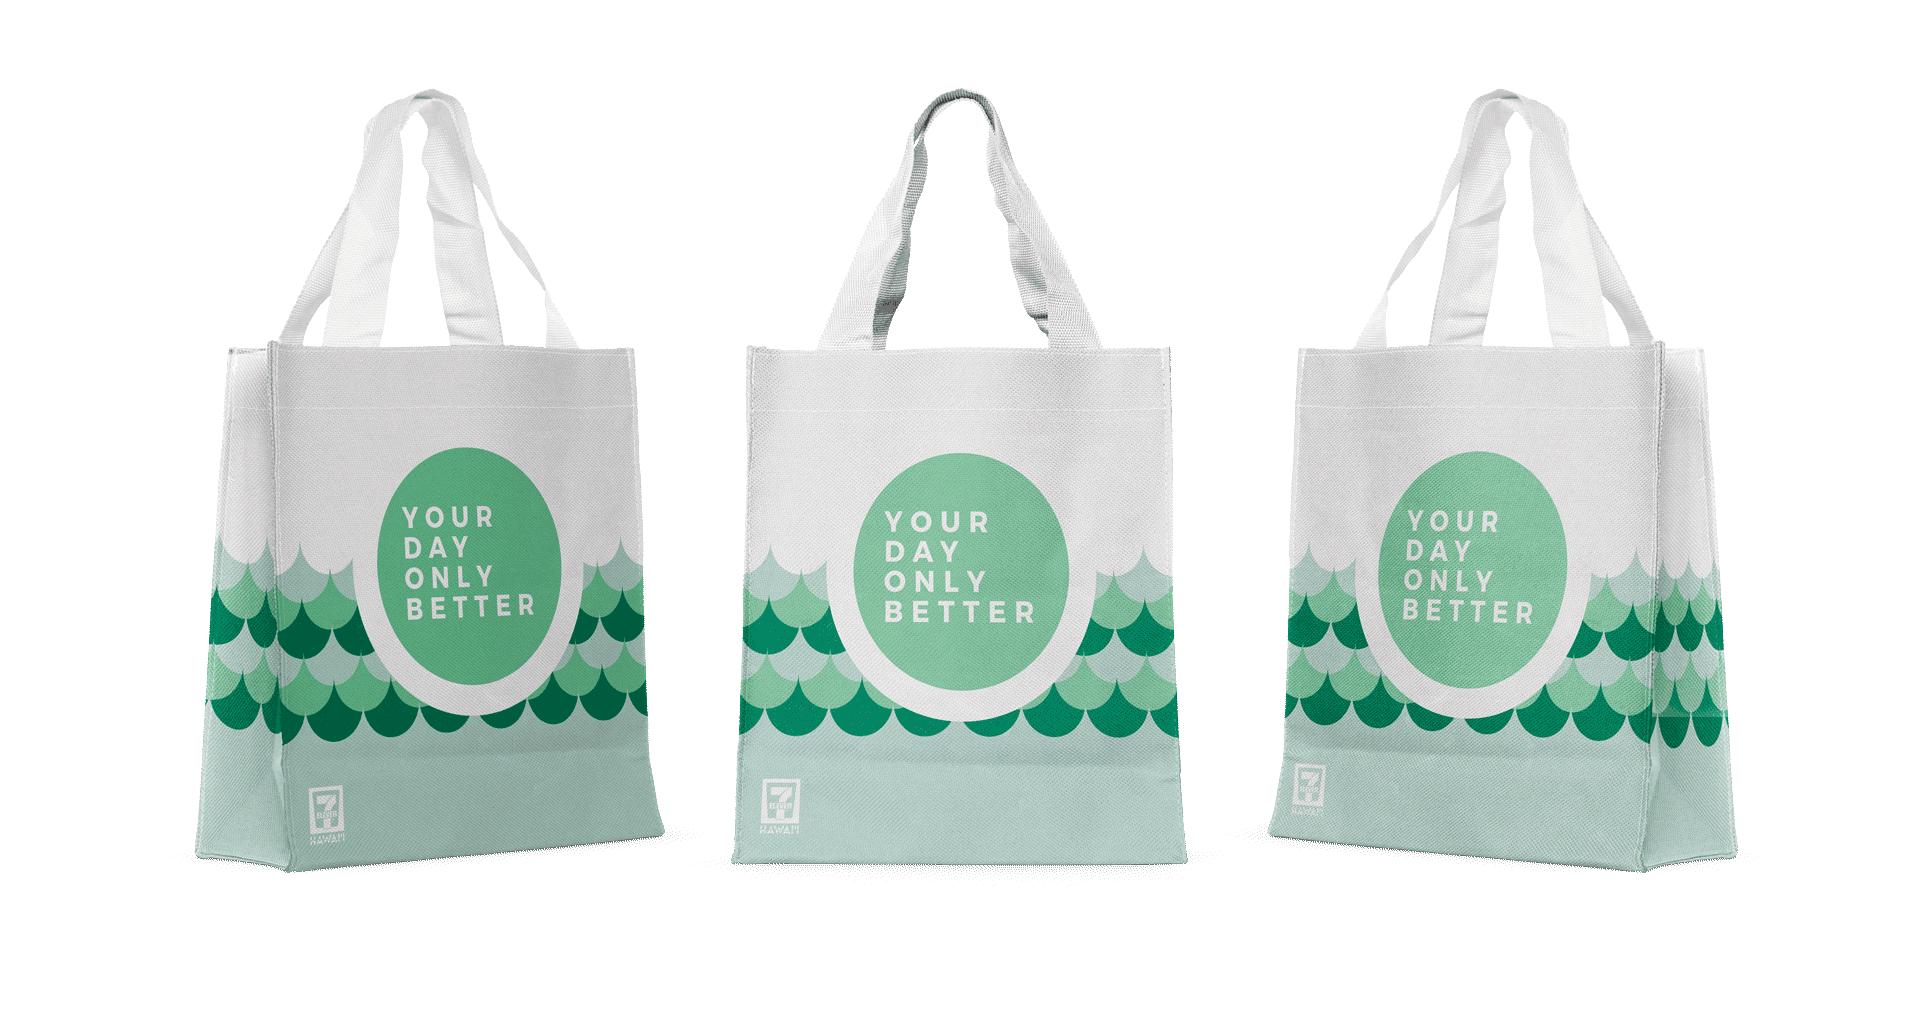 7-Eleven-Bag-Design14.png